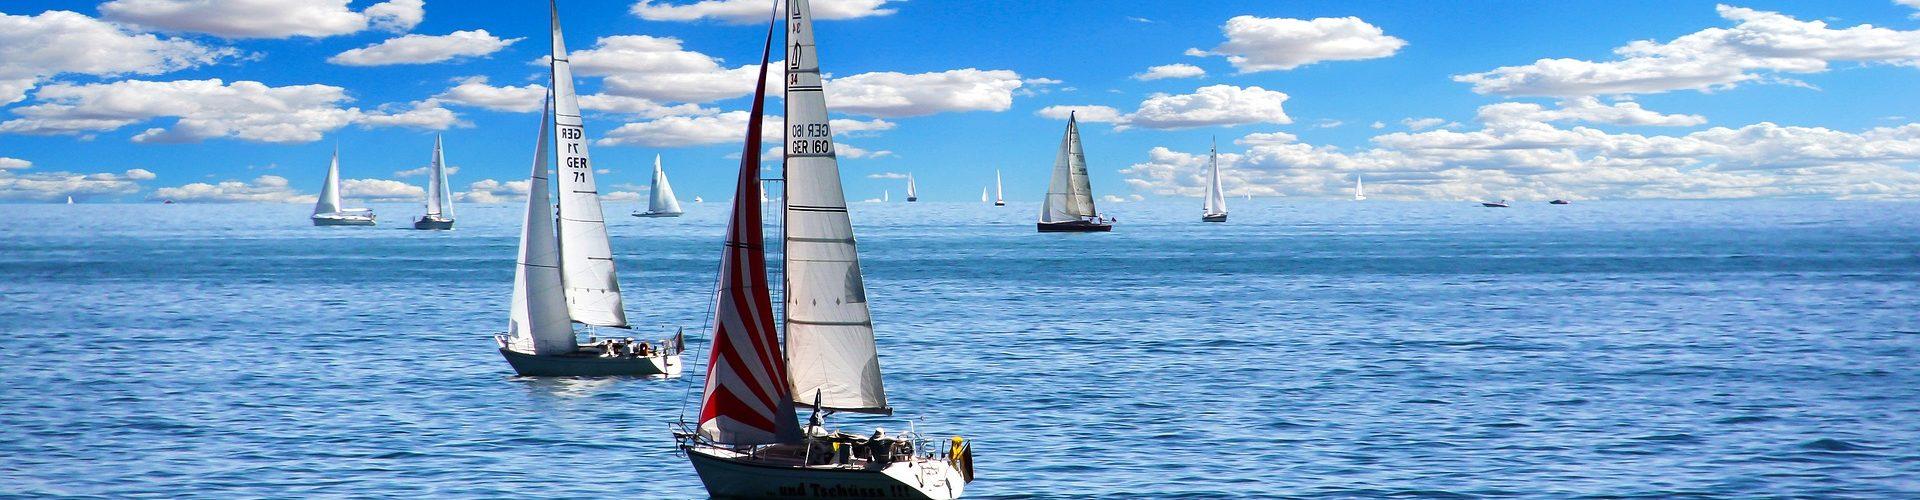 segeln lernen in Weidhausen bei Coburg segelschein machen in Weidhausen bei Coburg 1920x500 - Segeln lernen in Weidhausen bei Coburg